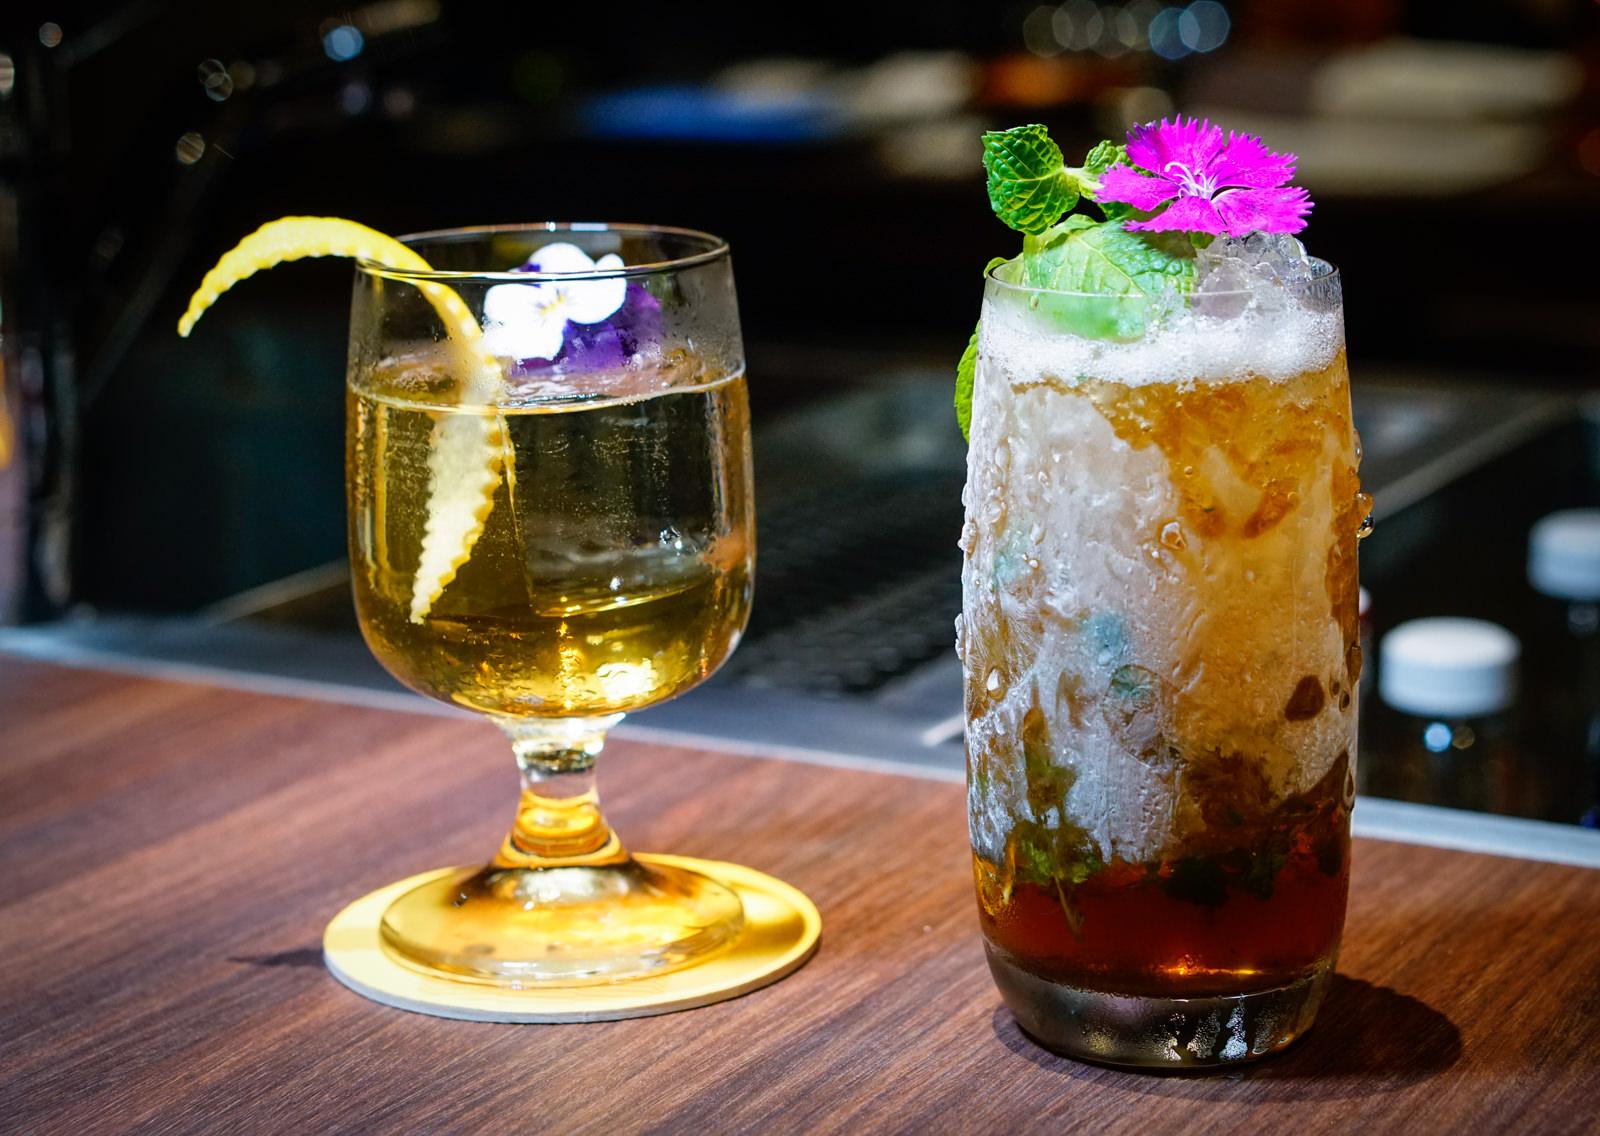 [高雄]LIM Saloon-重新定義調酒! 味覺震撼顛覆想像 小酌微醺首選 高雄酒吧推薦